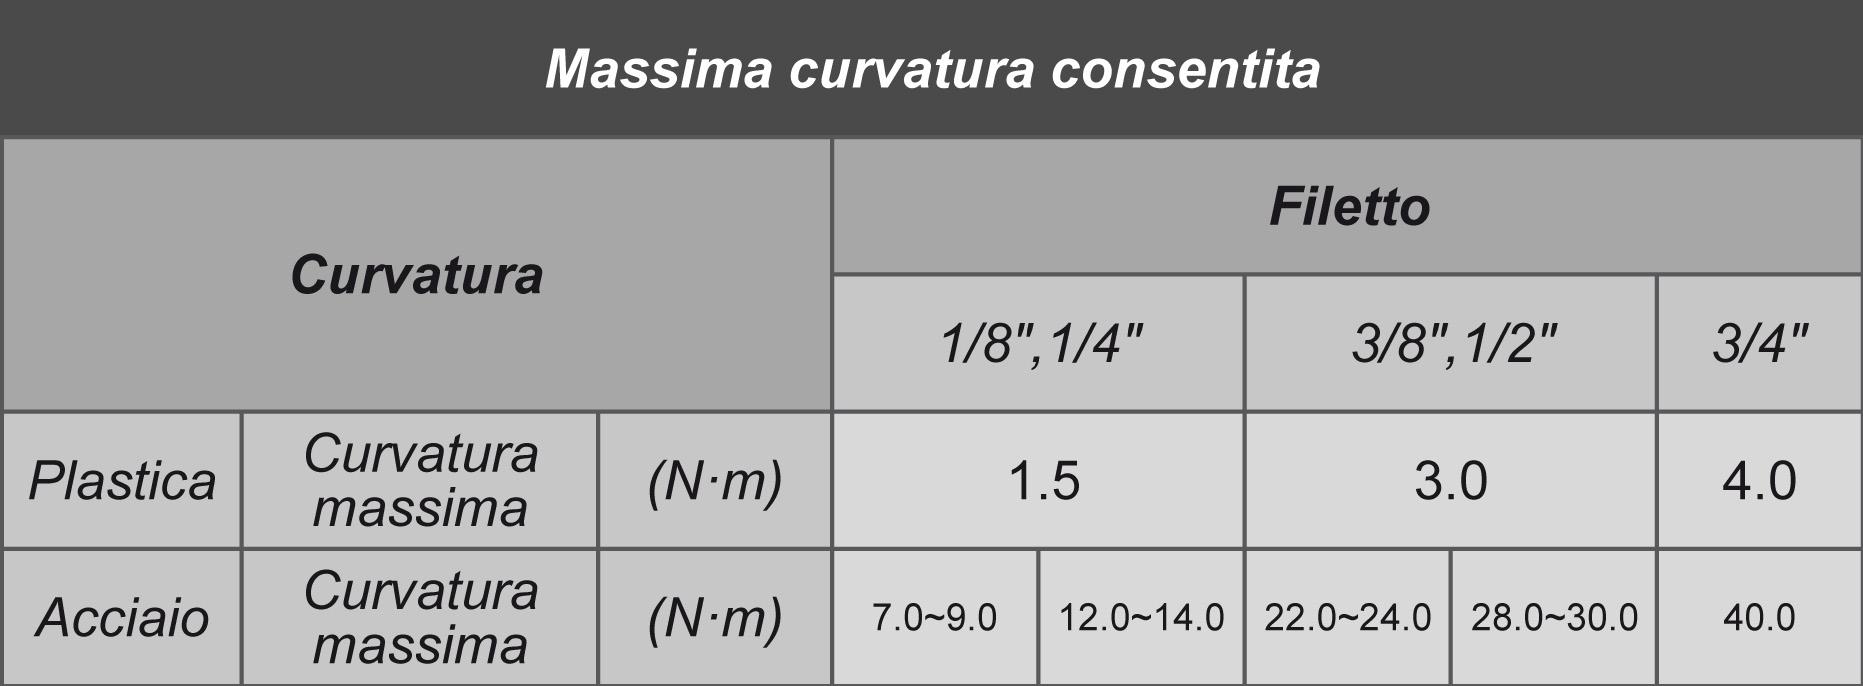 DMFIT Massima curvatura consentita